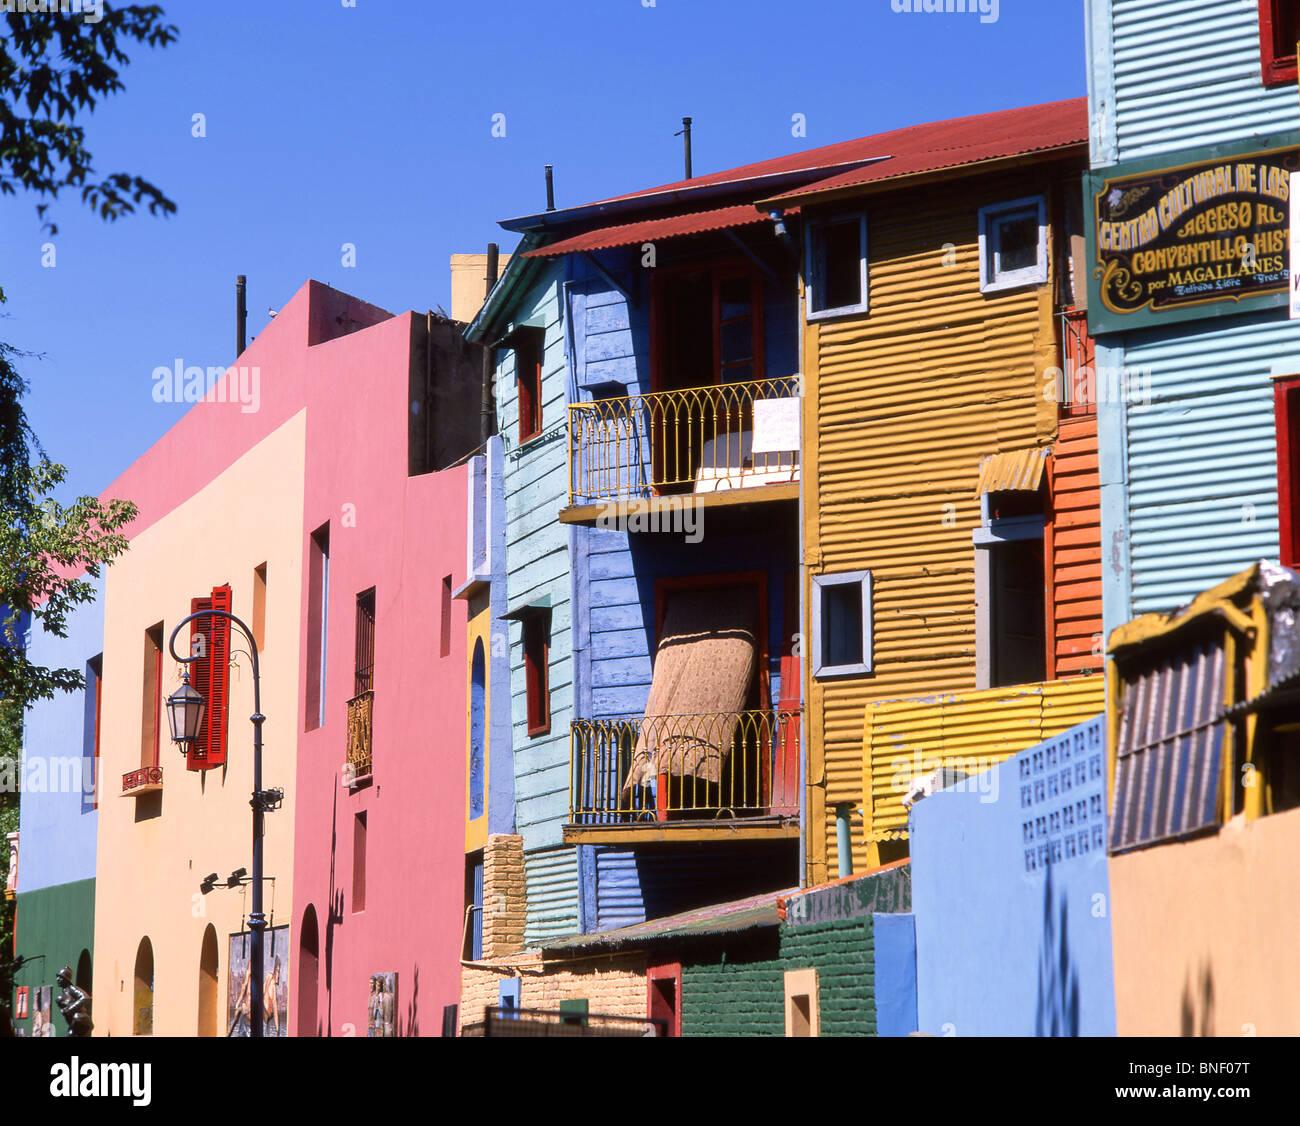 A tinte pastello di edifici colorati, Caminito Street, La Boca, Buenos Aires, Argentina Immagini Stock